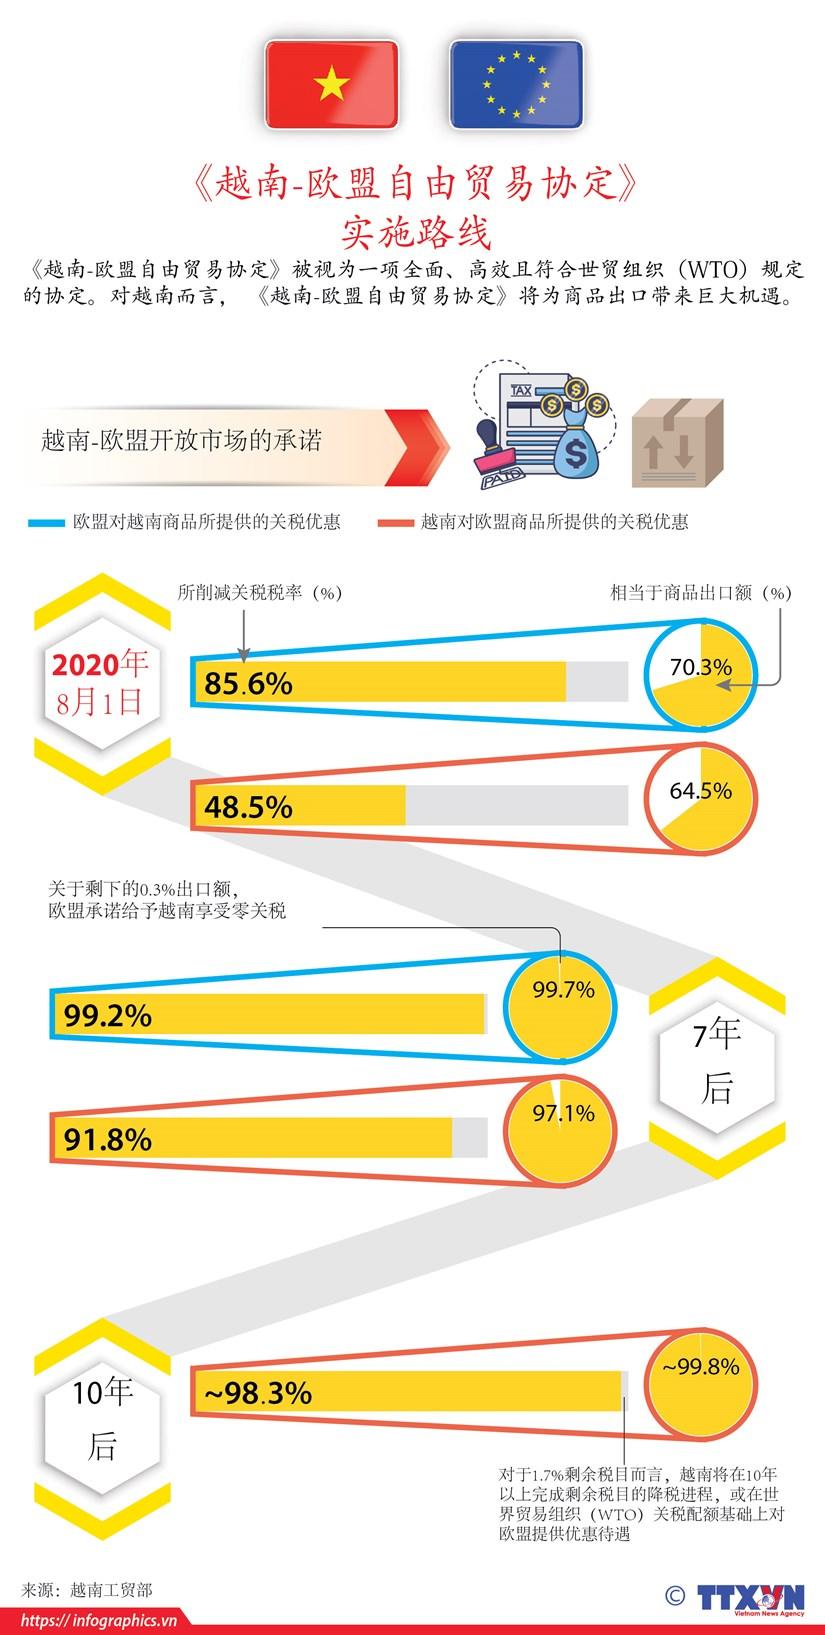 图表新闻:EVFTA正式生效 为越南与欧盟带来利益 hinh anh 1